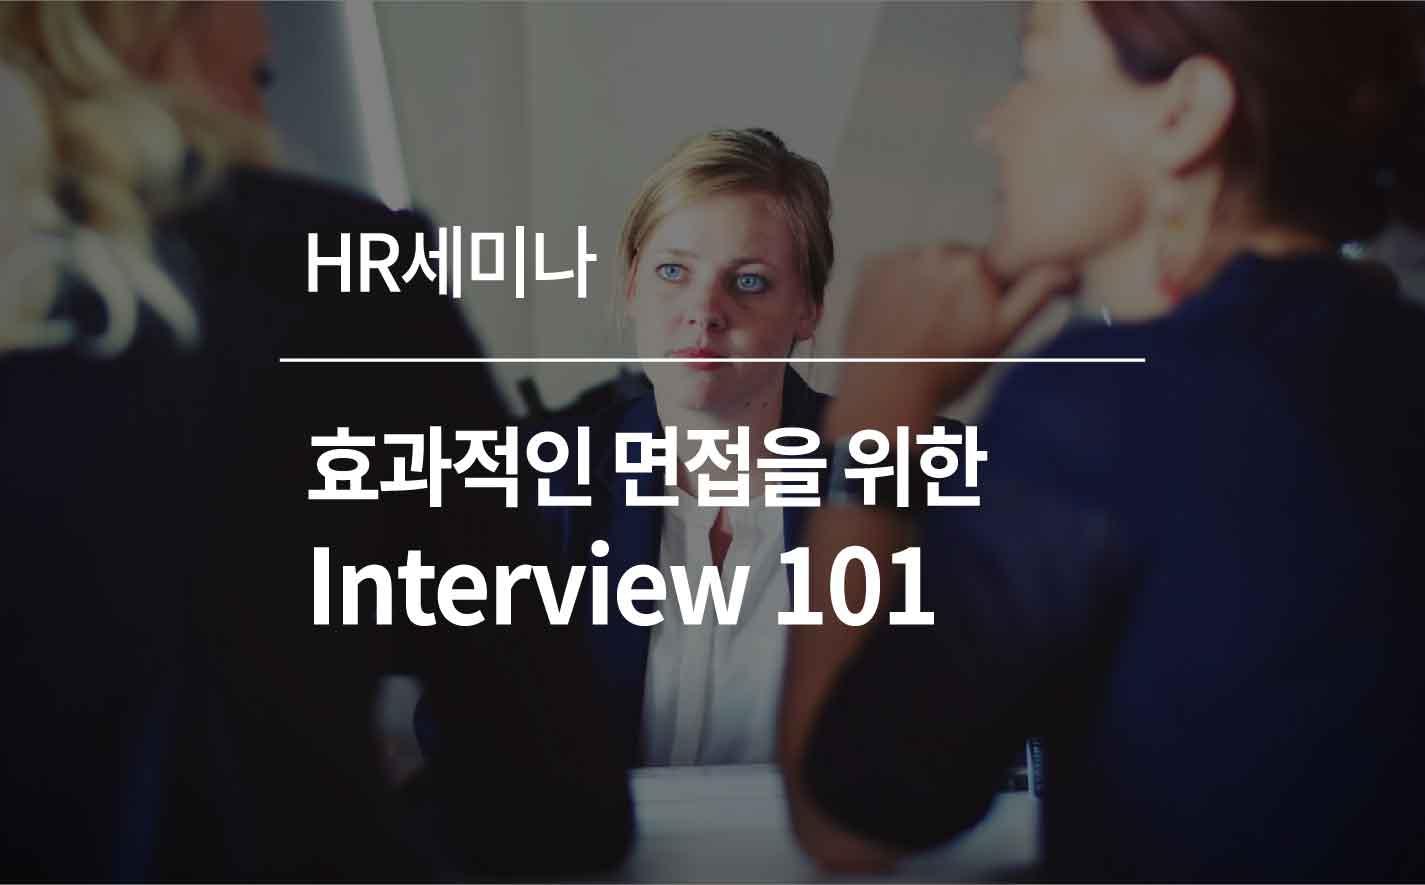 [HR세미나] 효과적인 면접을 위한 Interview 101 이미지